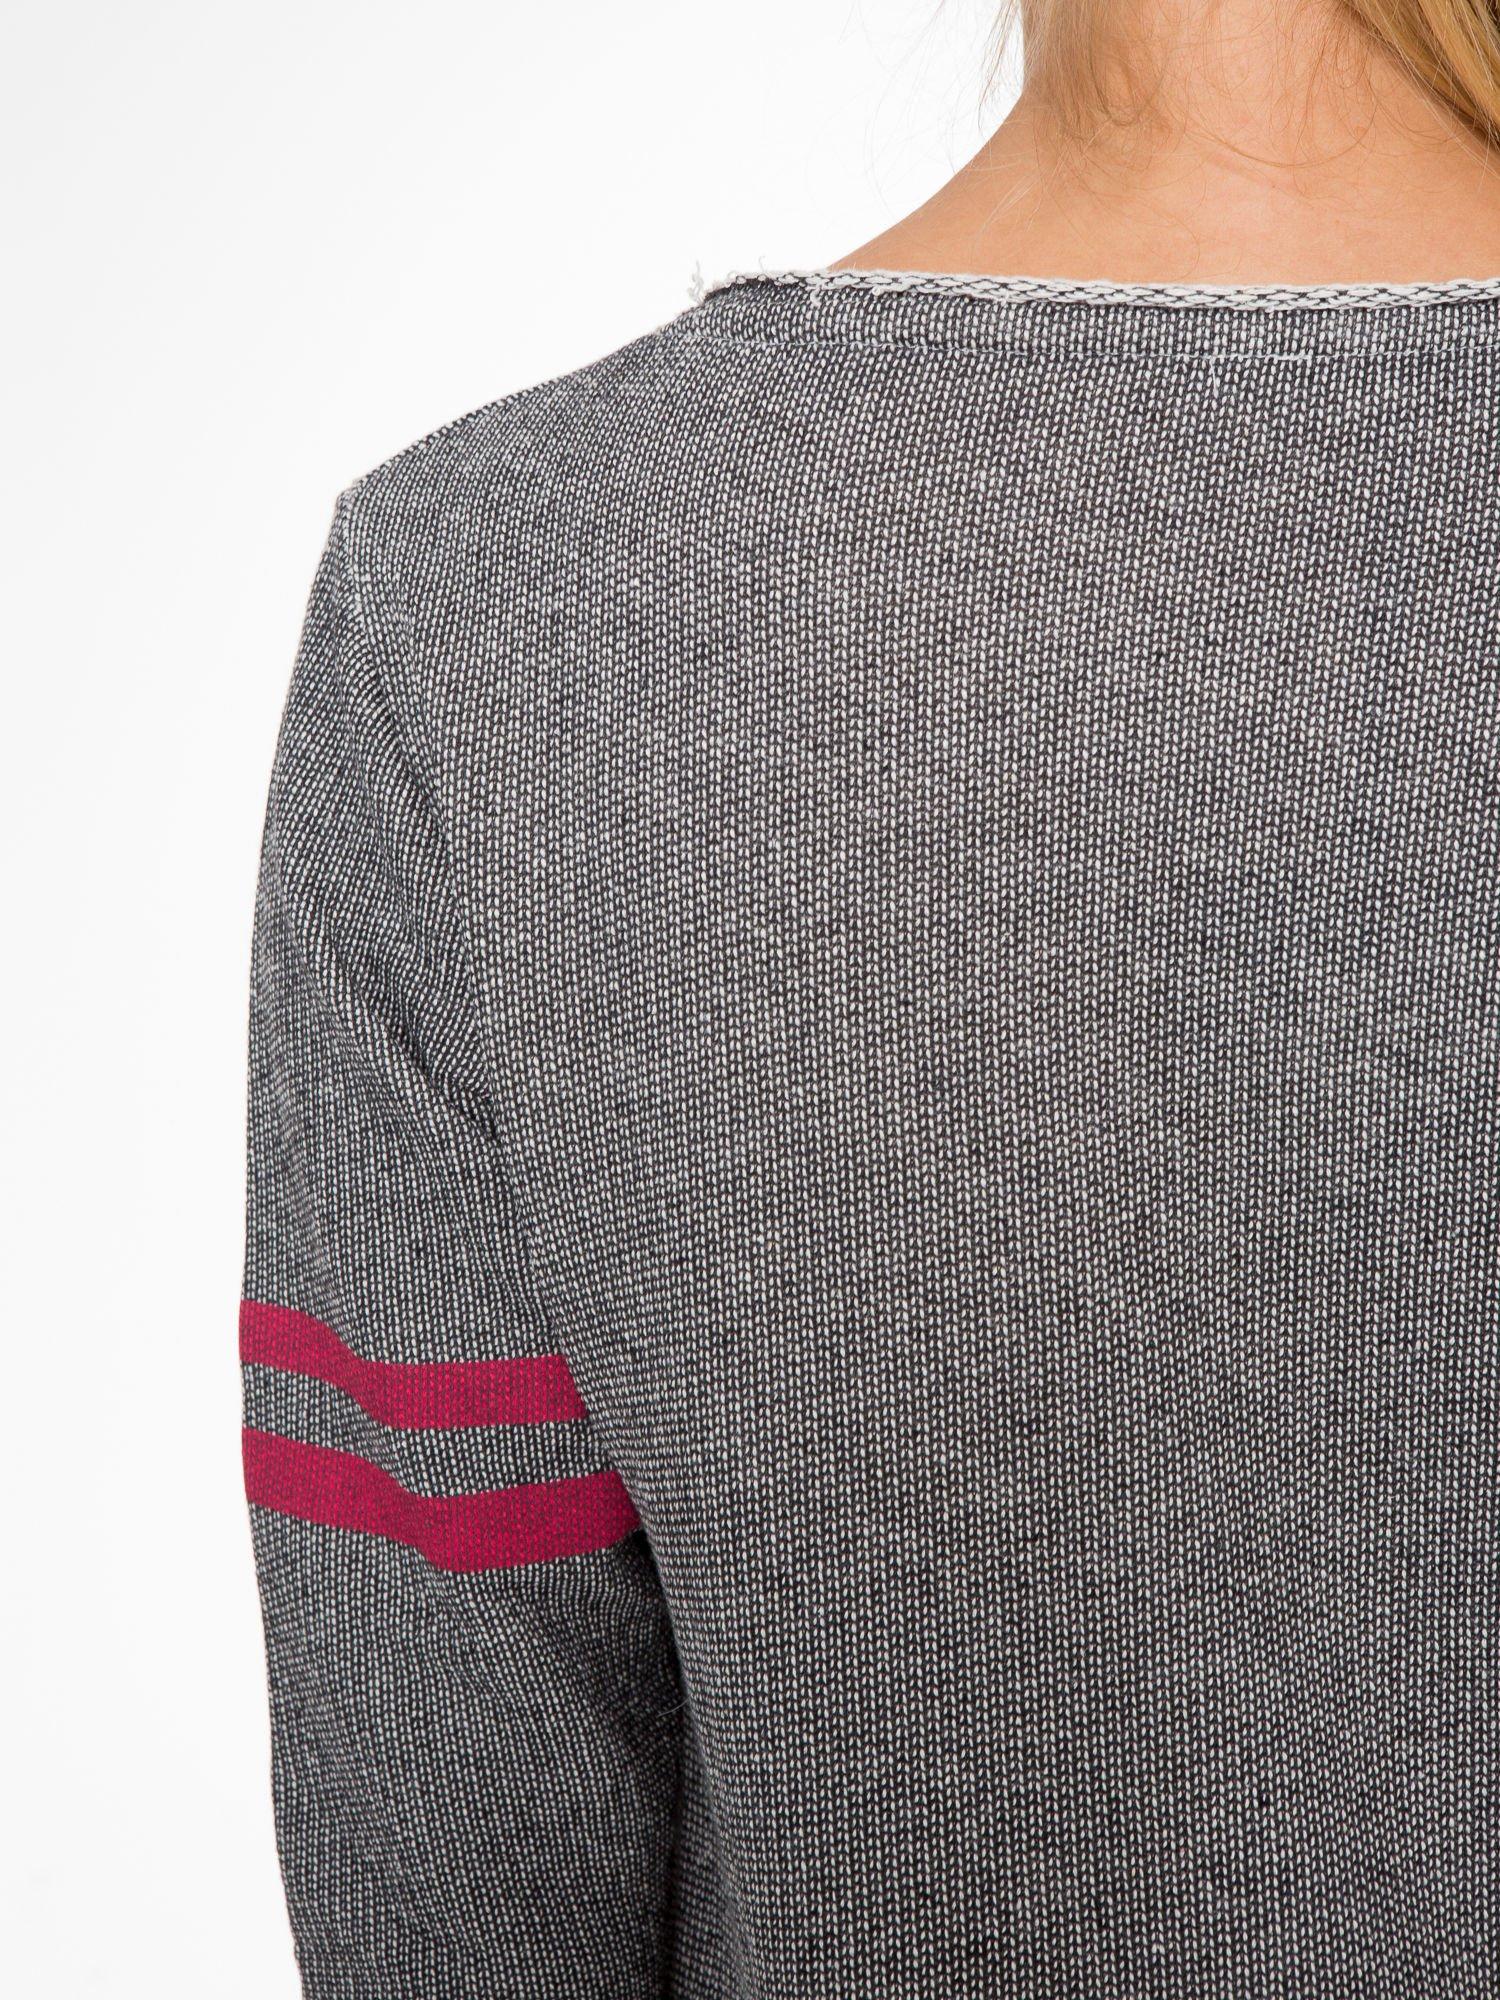 Szara bluza z numerkiem w stylu baseballowym                                  zdj.                                  9